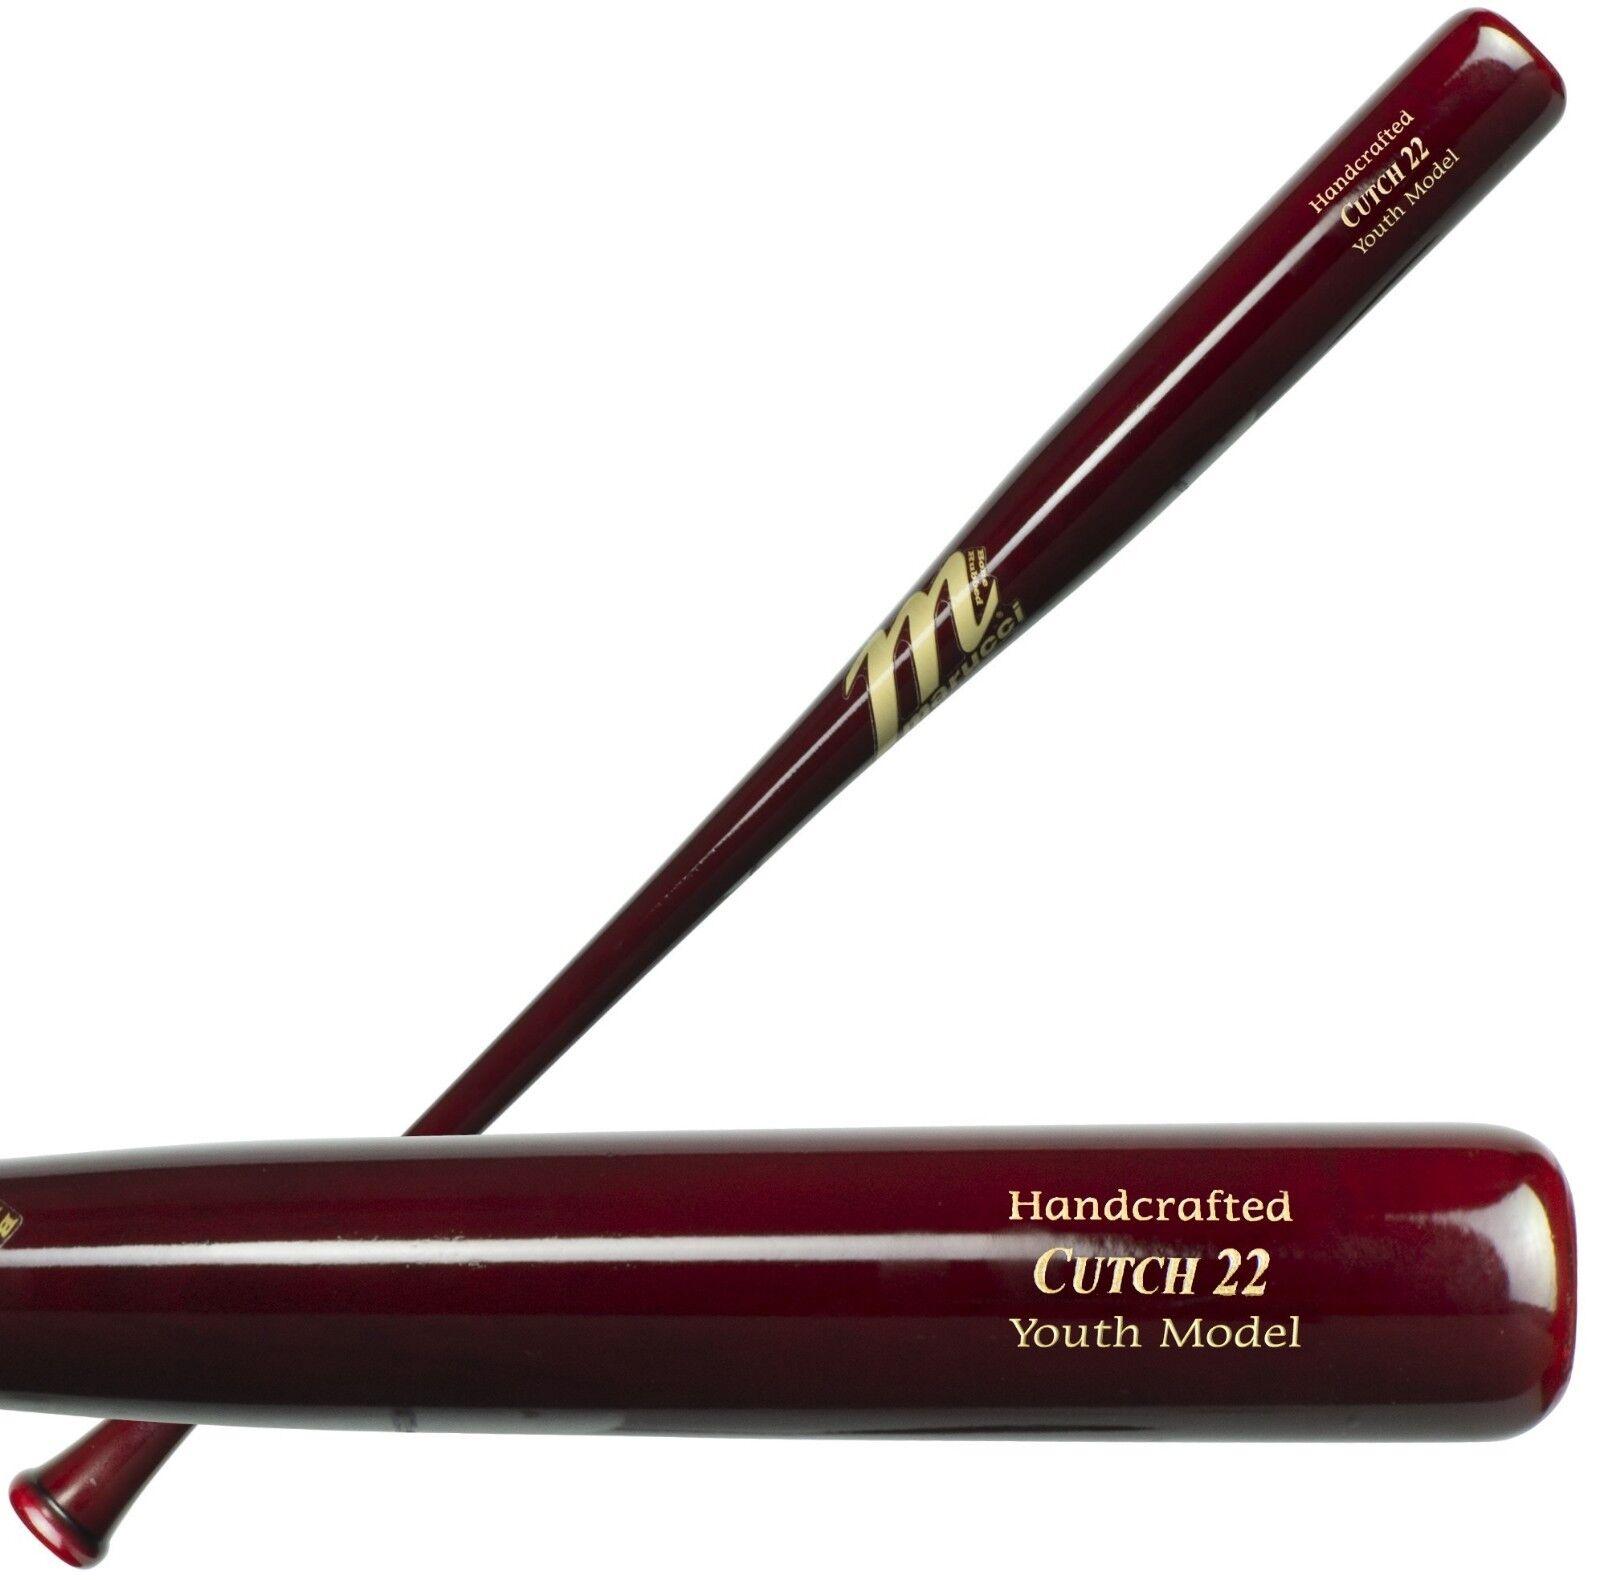 Marucci CUTCH22 Youth Pro Model 31